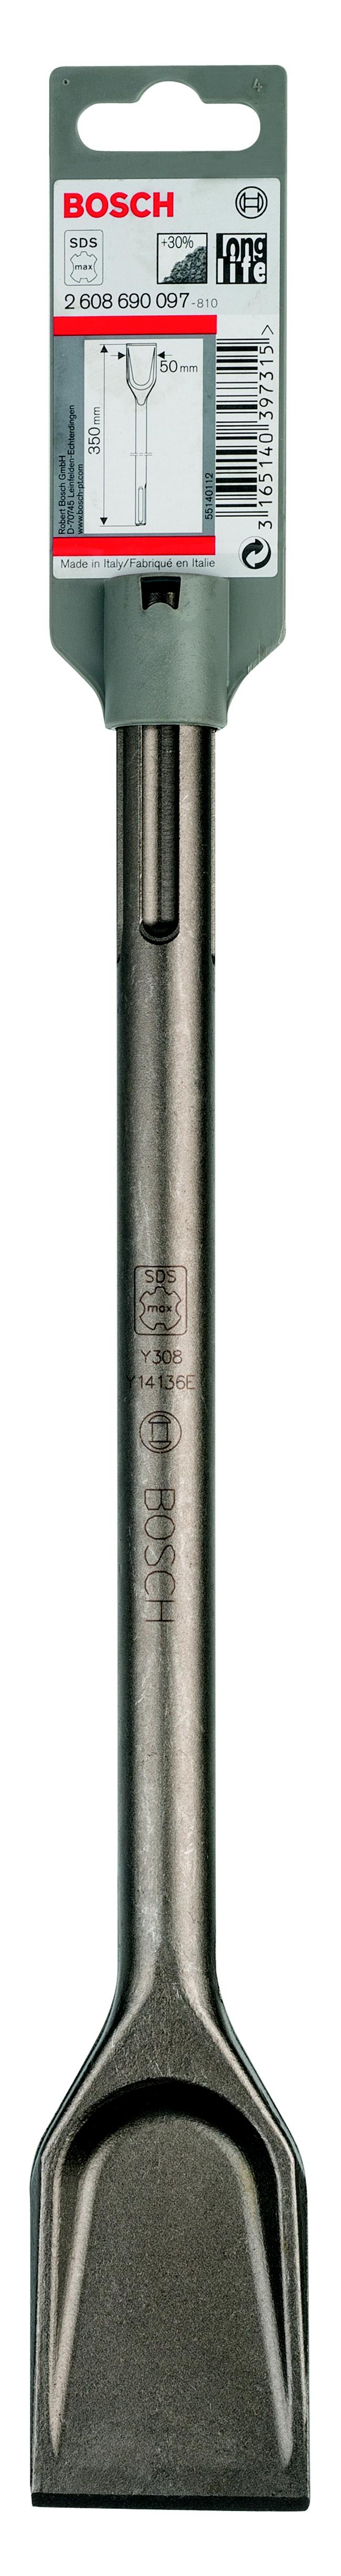 Зубило Bosch Sdsmax 50x350 longlife лопаточное самозатачивающееся (2.608.690.097)